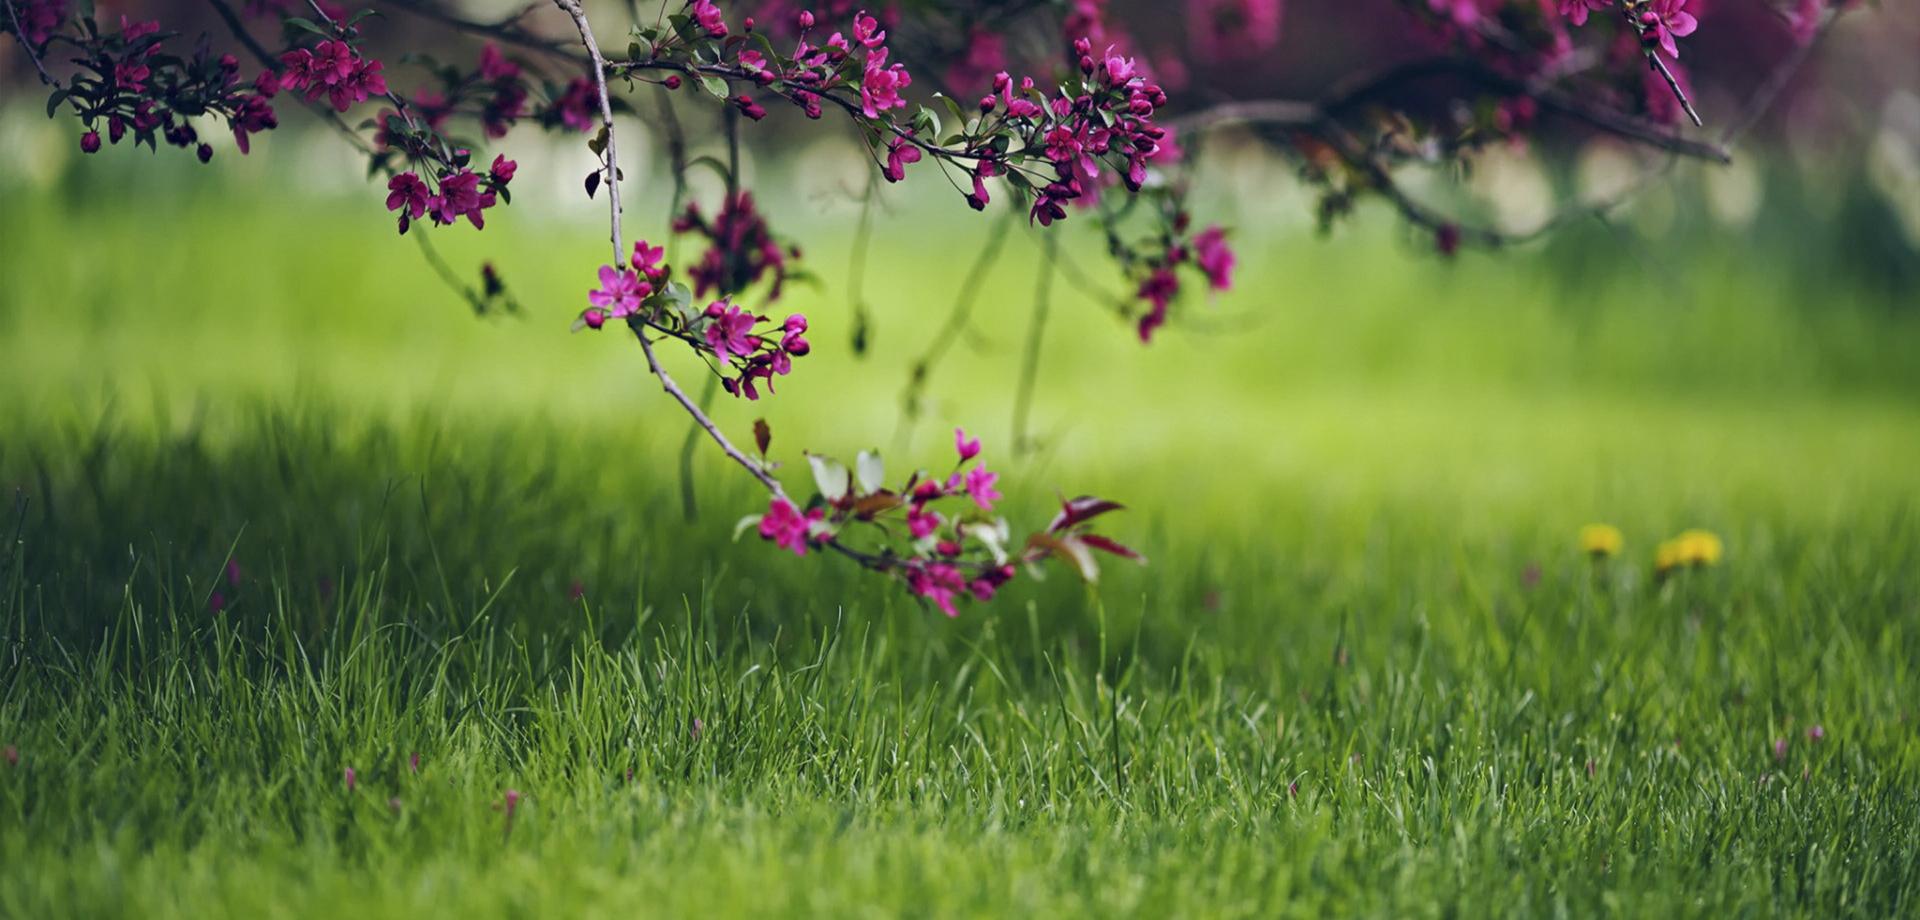 Planiranje travnjaka, izbor trave, priprema tla